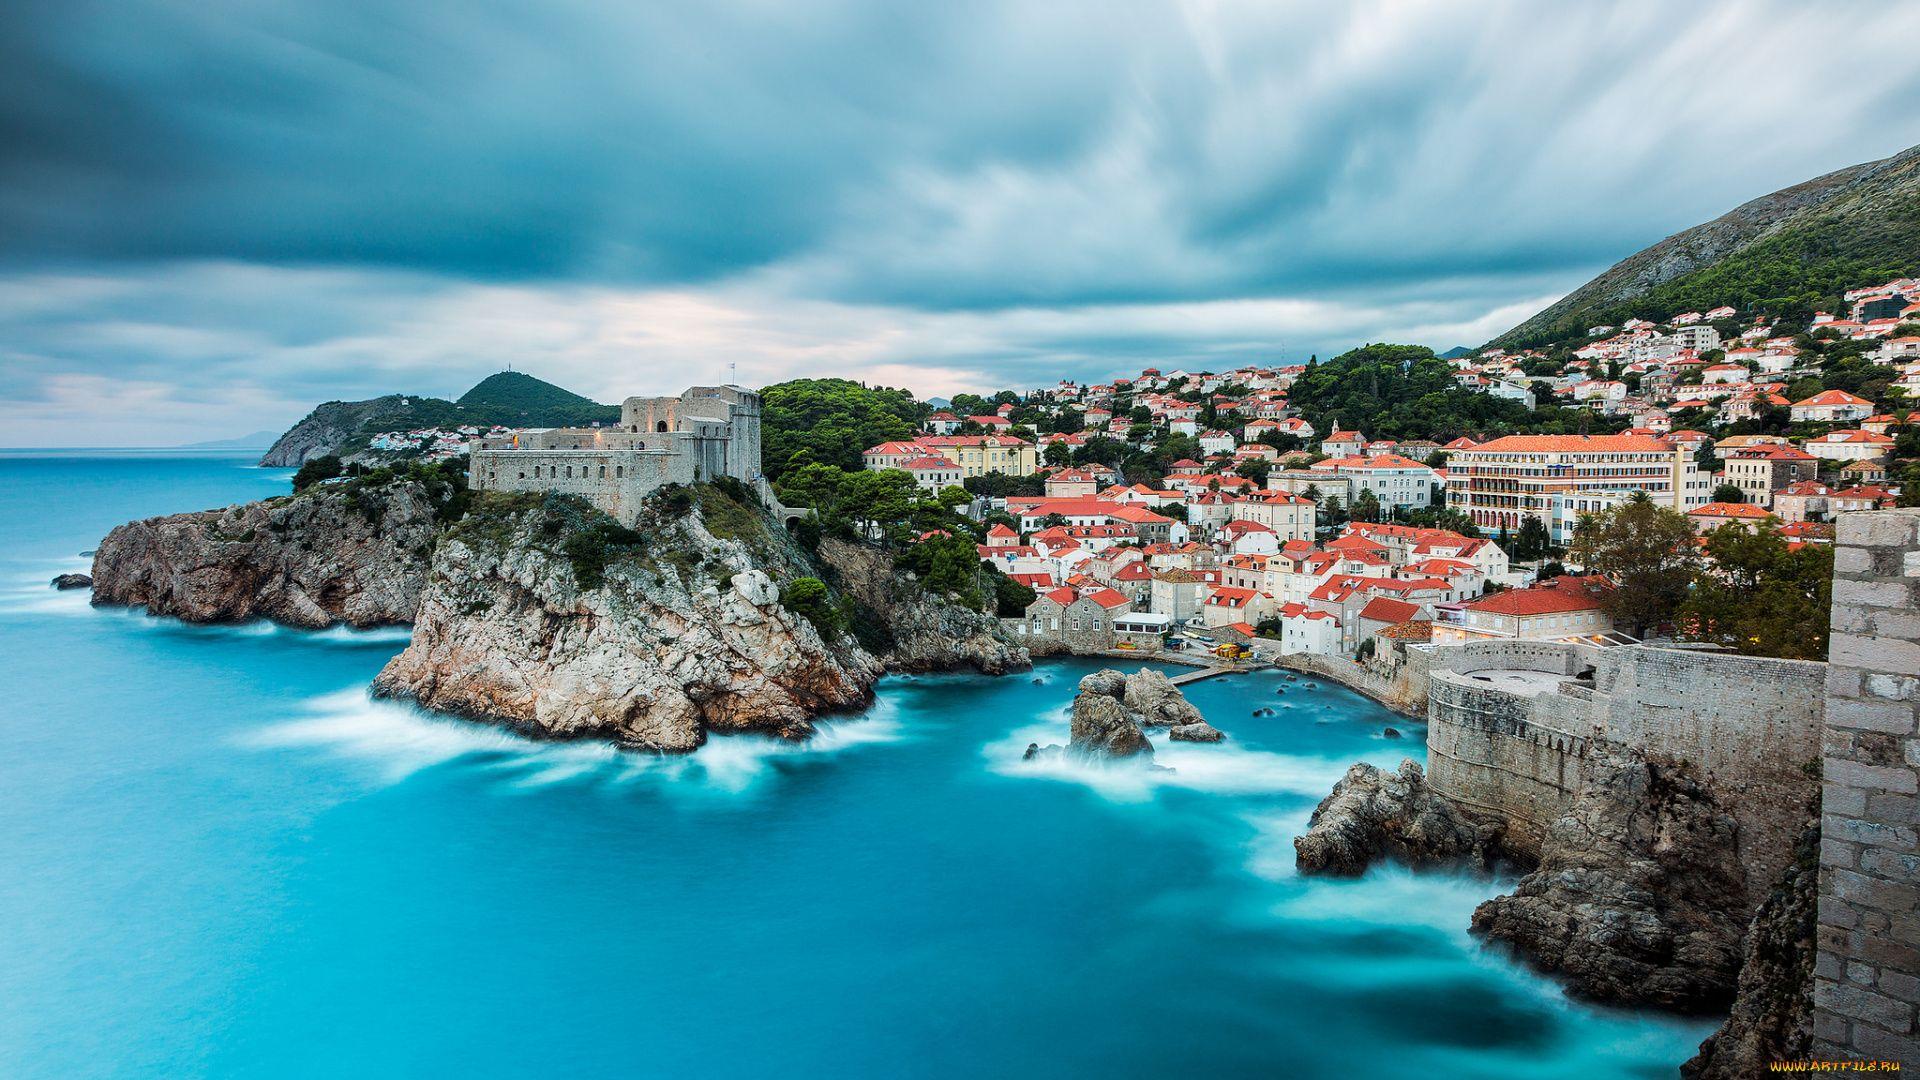 Croatia 1080p wallpaper